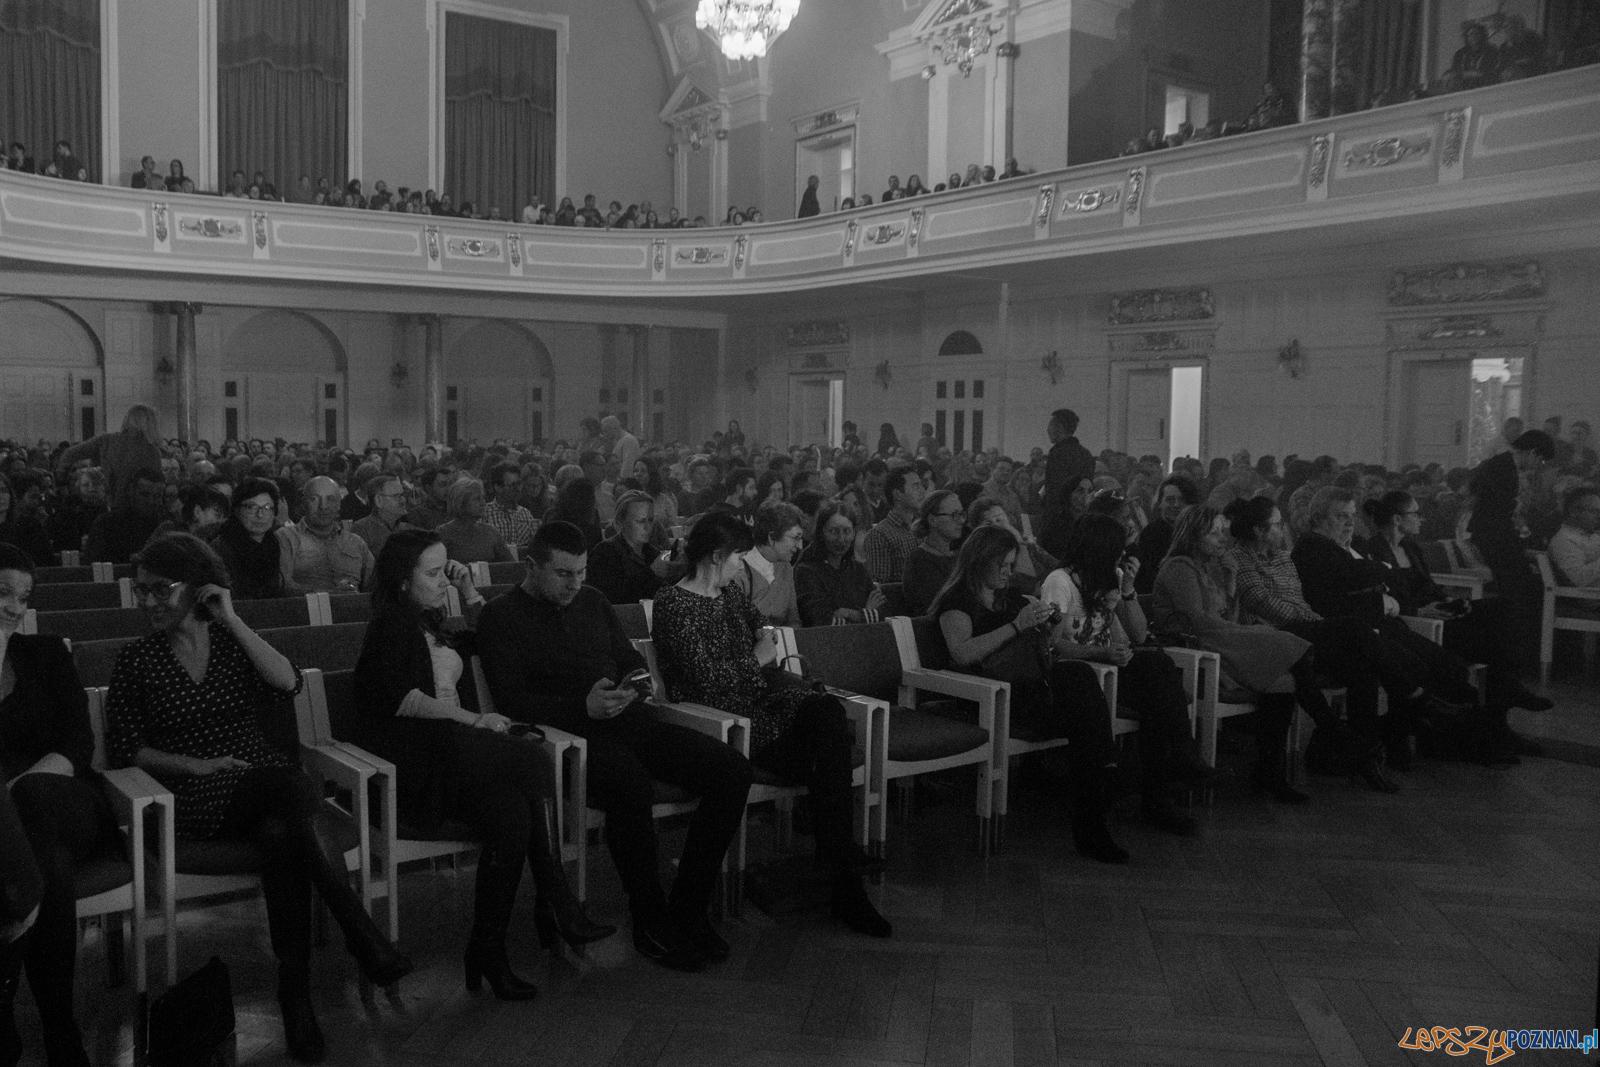 """Kasia Kowalska - """"Aya Tour""""Aula UAM - Poznań 19.02.2019 r.  Foto: Ewelina Jaskowiak"""